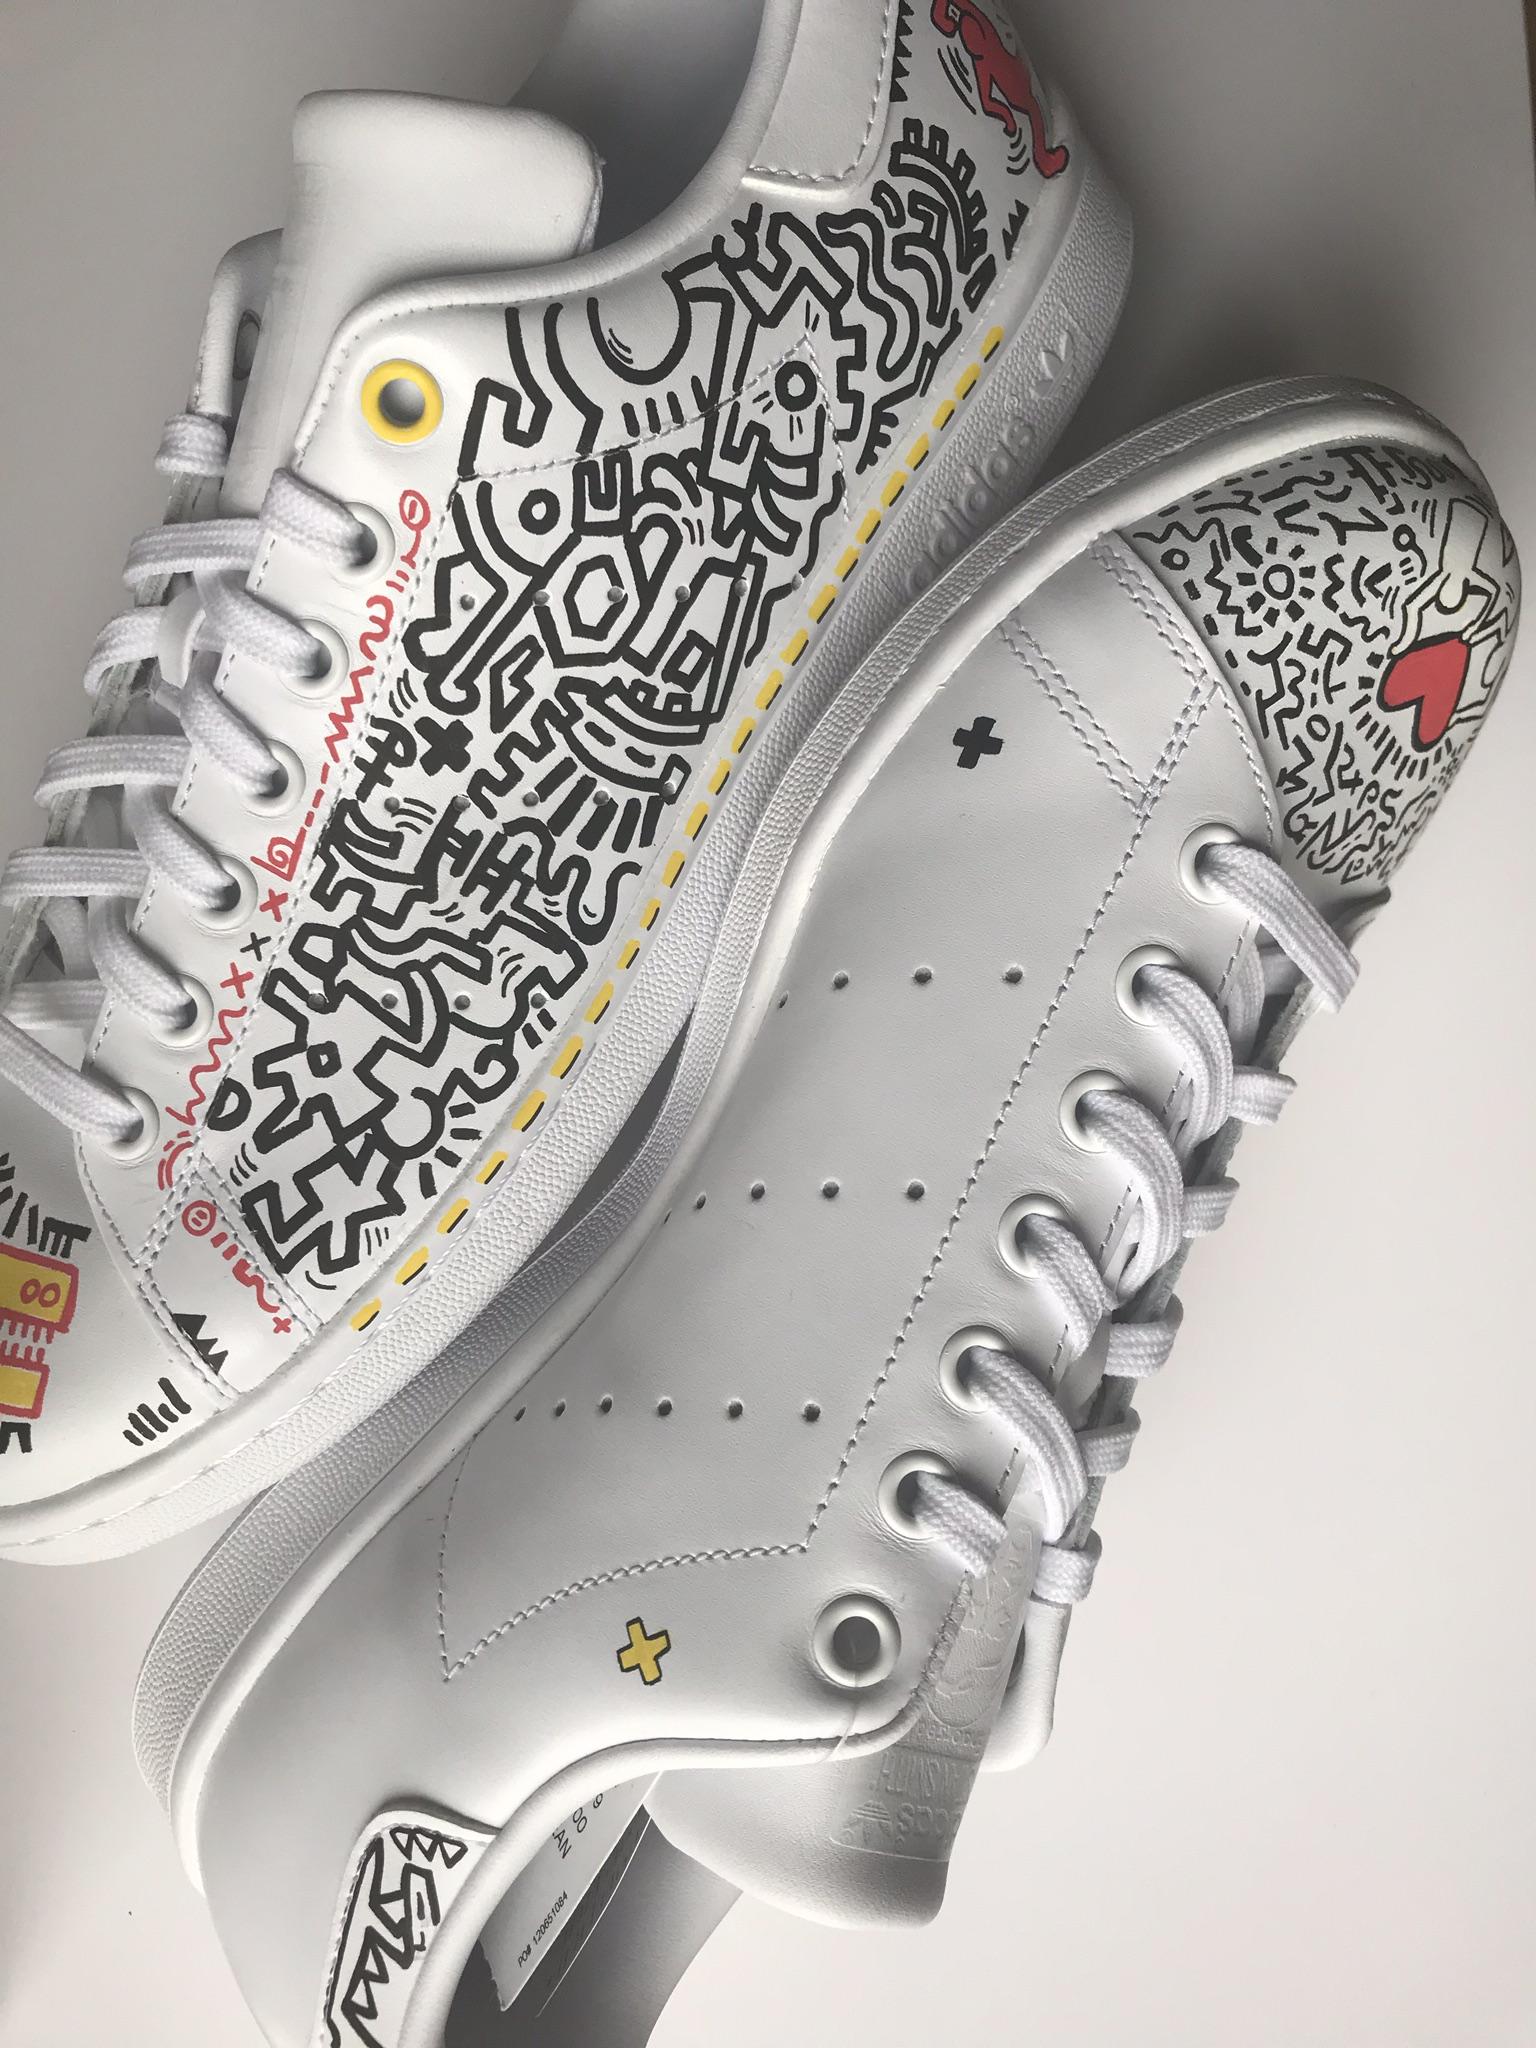 Keith Haring 1